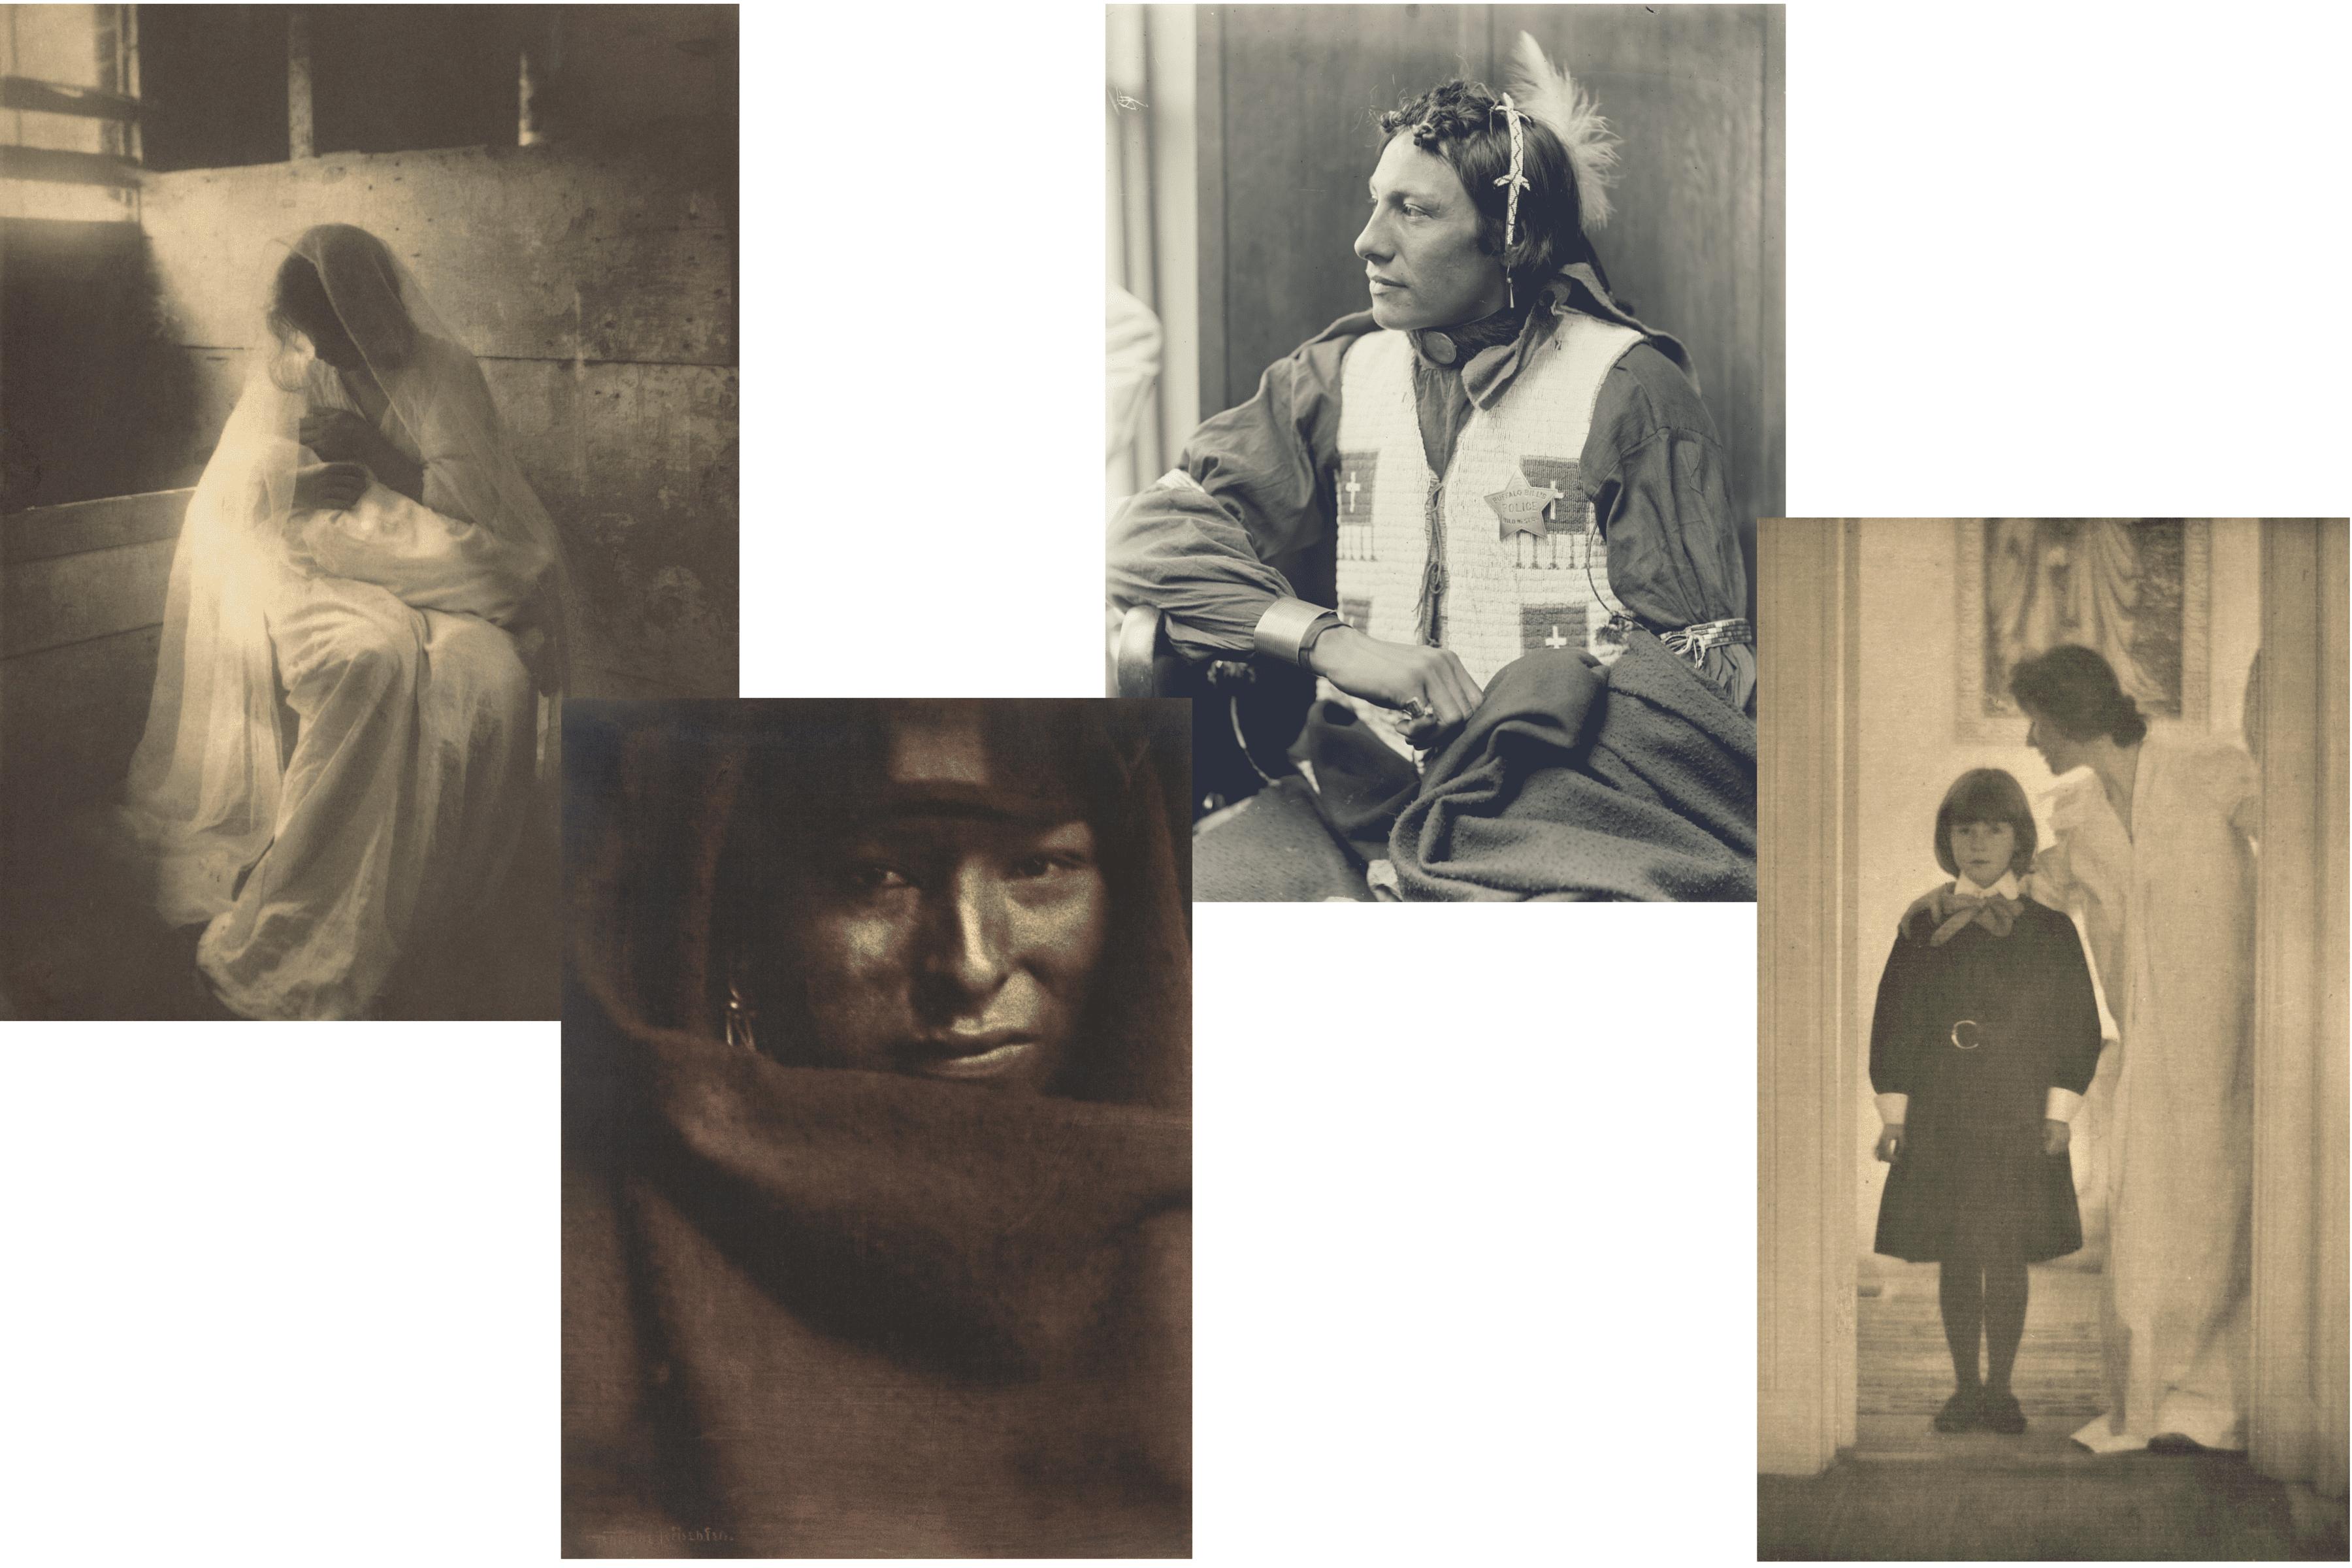 Photographs by Gertrude Käsebier